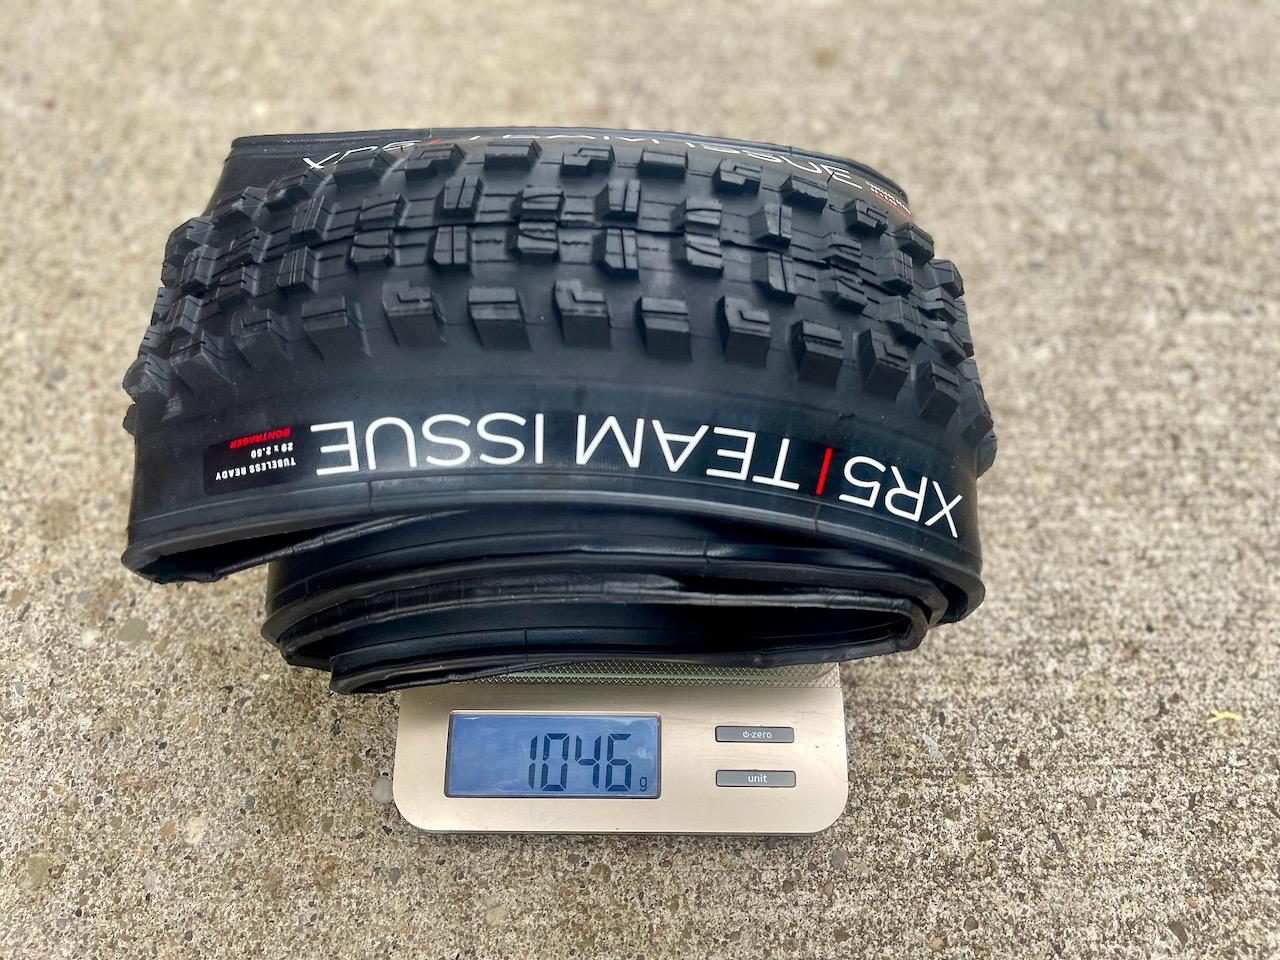 Bontrager XR5 weight